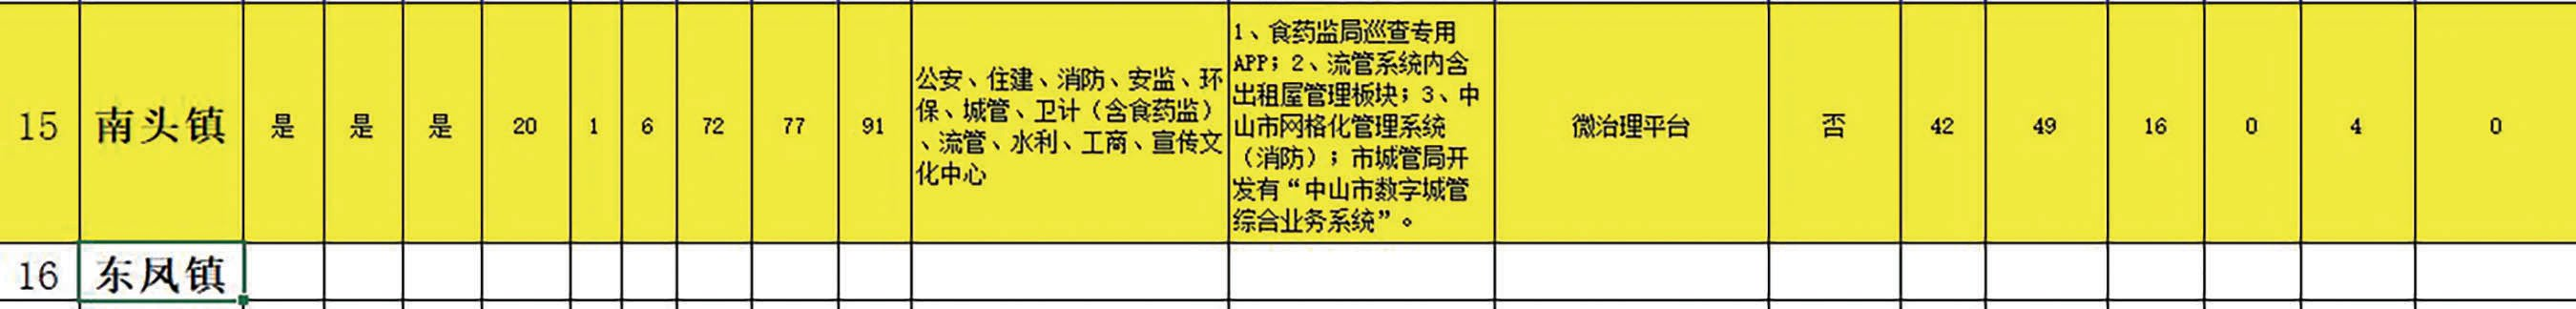 廣東省中山市南頭鎮的《社會治安綜合治理網格化工作表》截圖。(大紀元)